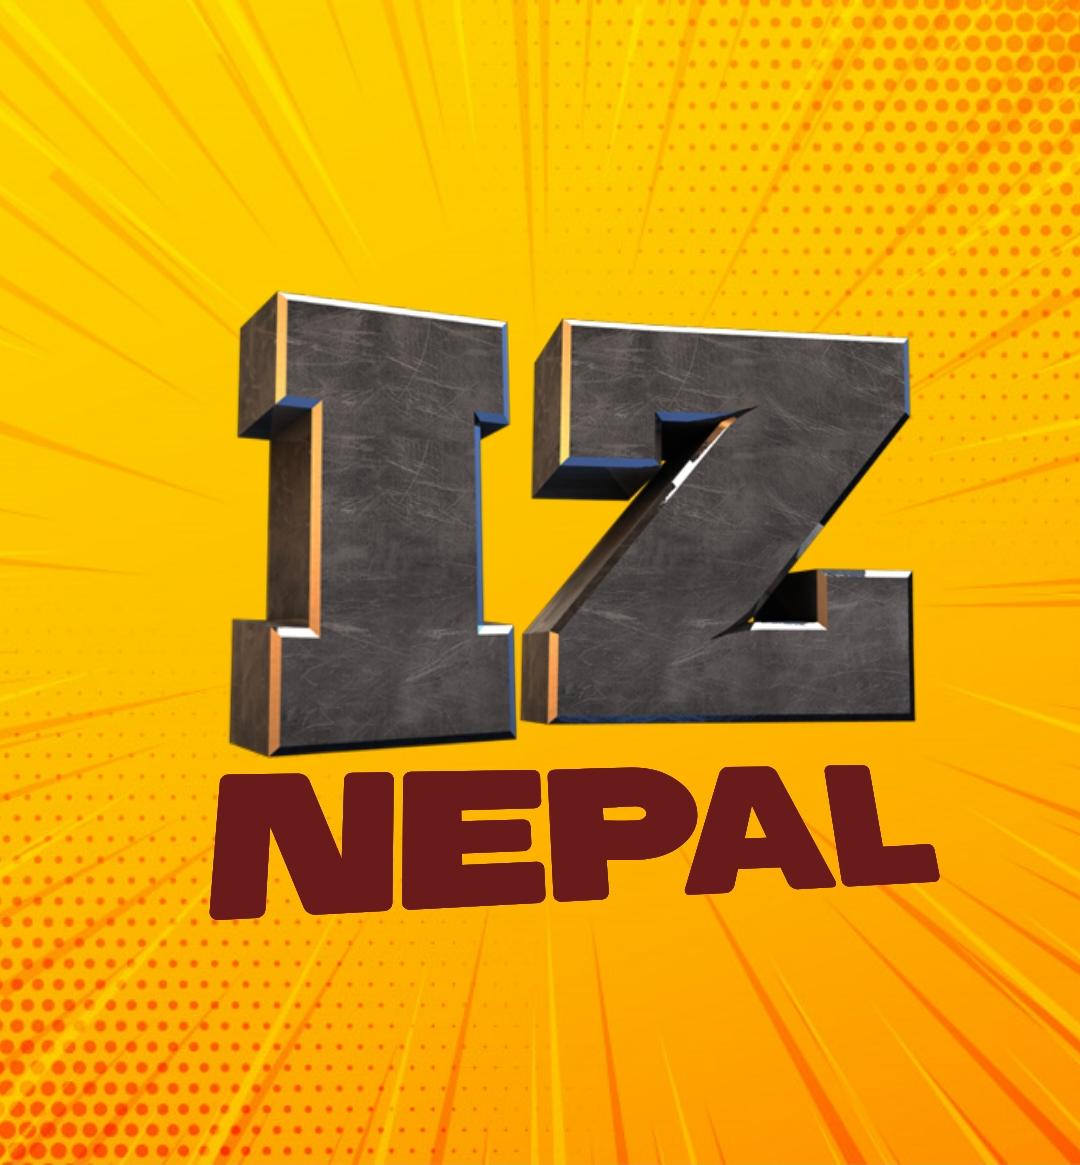 हिन्दुको दश अवतारको कथा जुन बिज्ञानले प्रमाणि गर्यो। – Info zone nepal